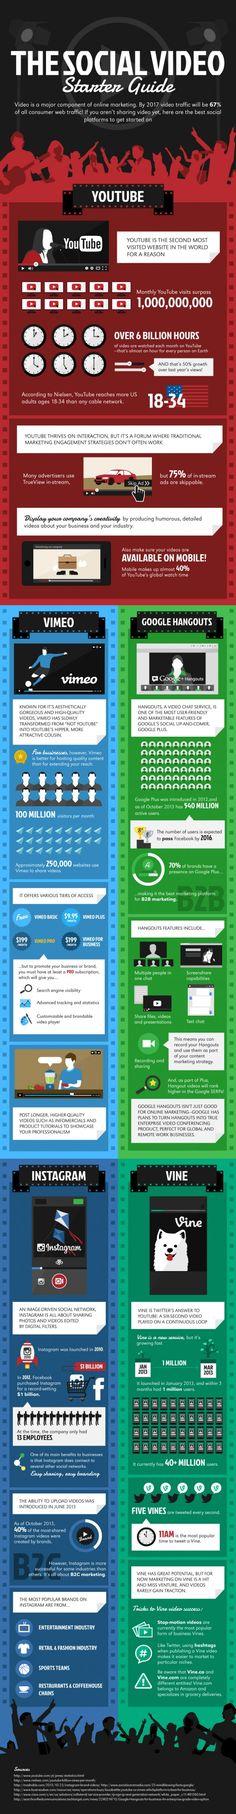 Haal rendement uit online video - vijf platformen op een rij